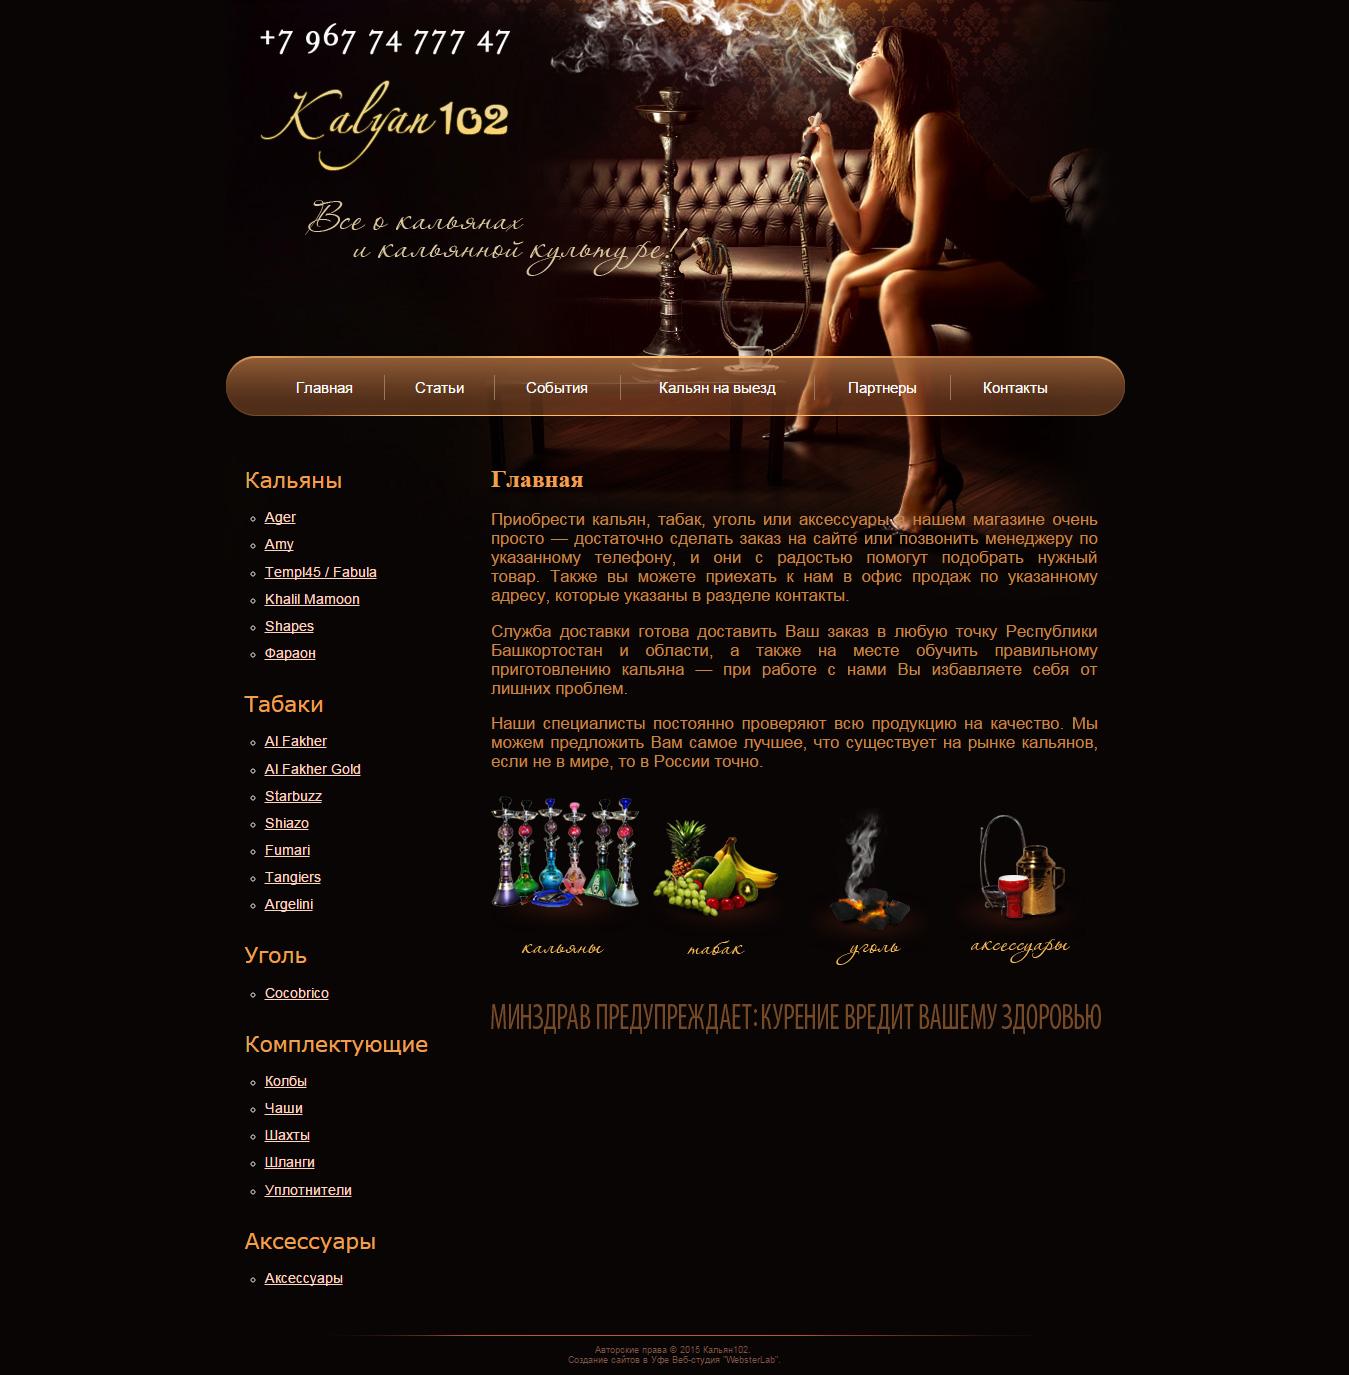 site-kalyan102-ru